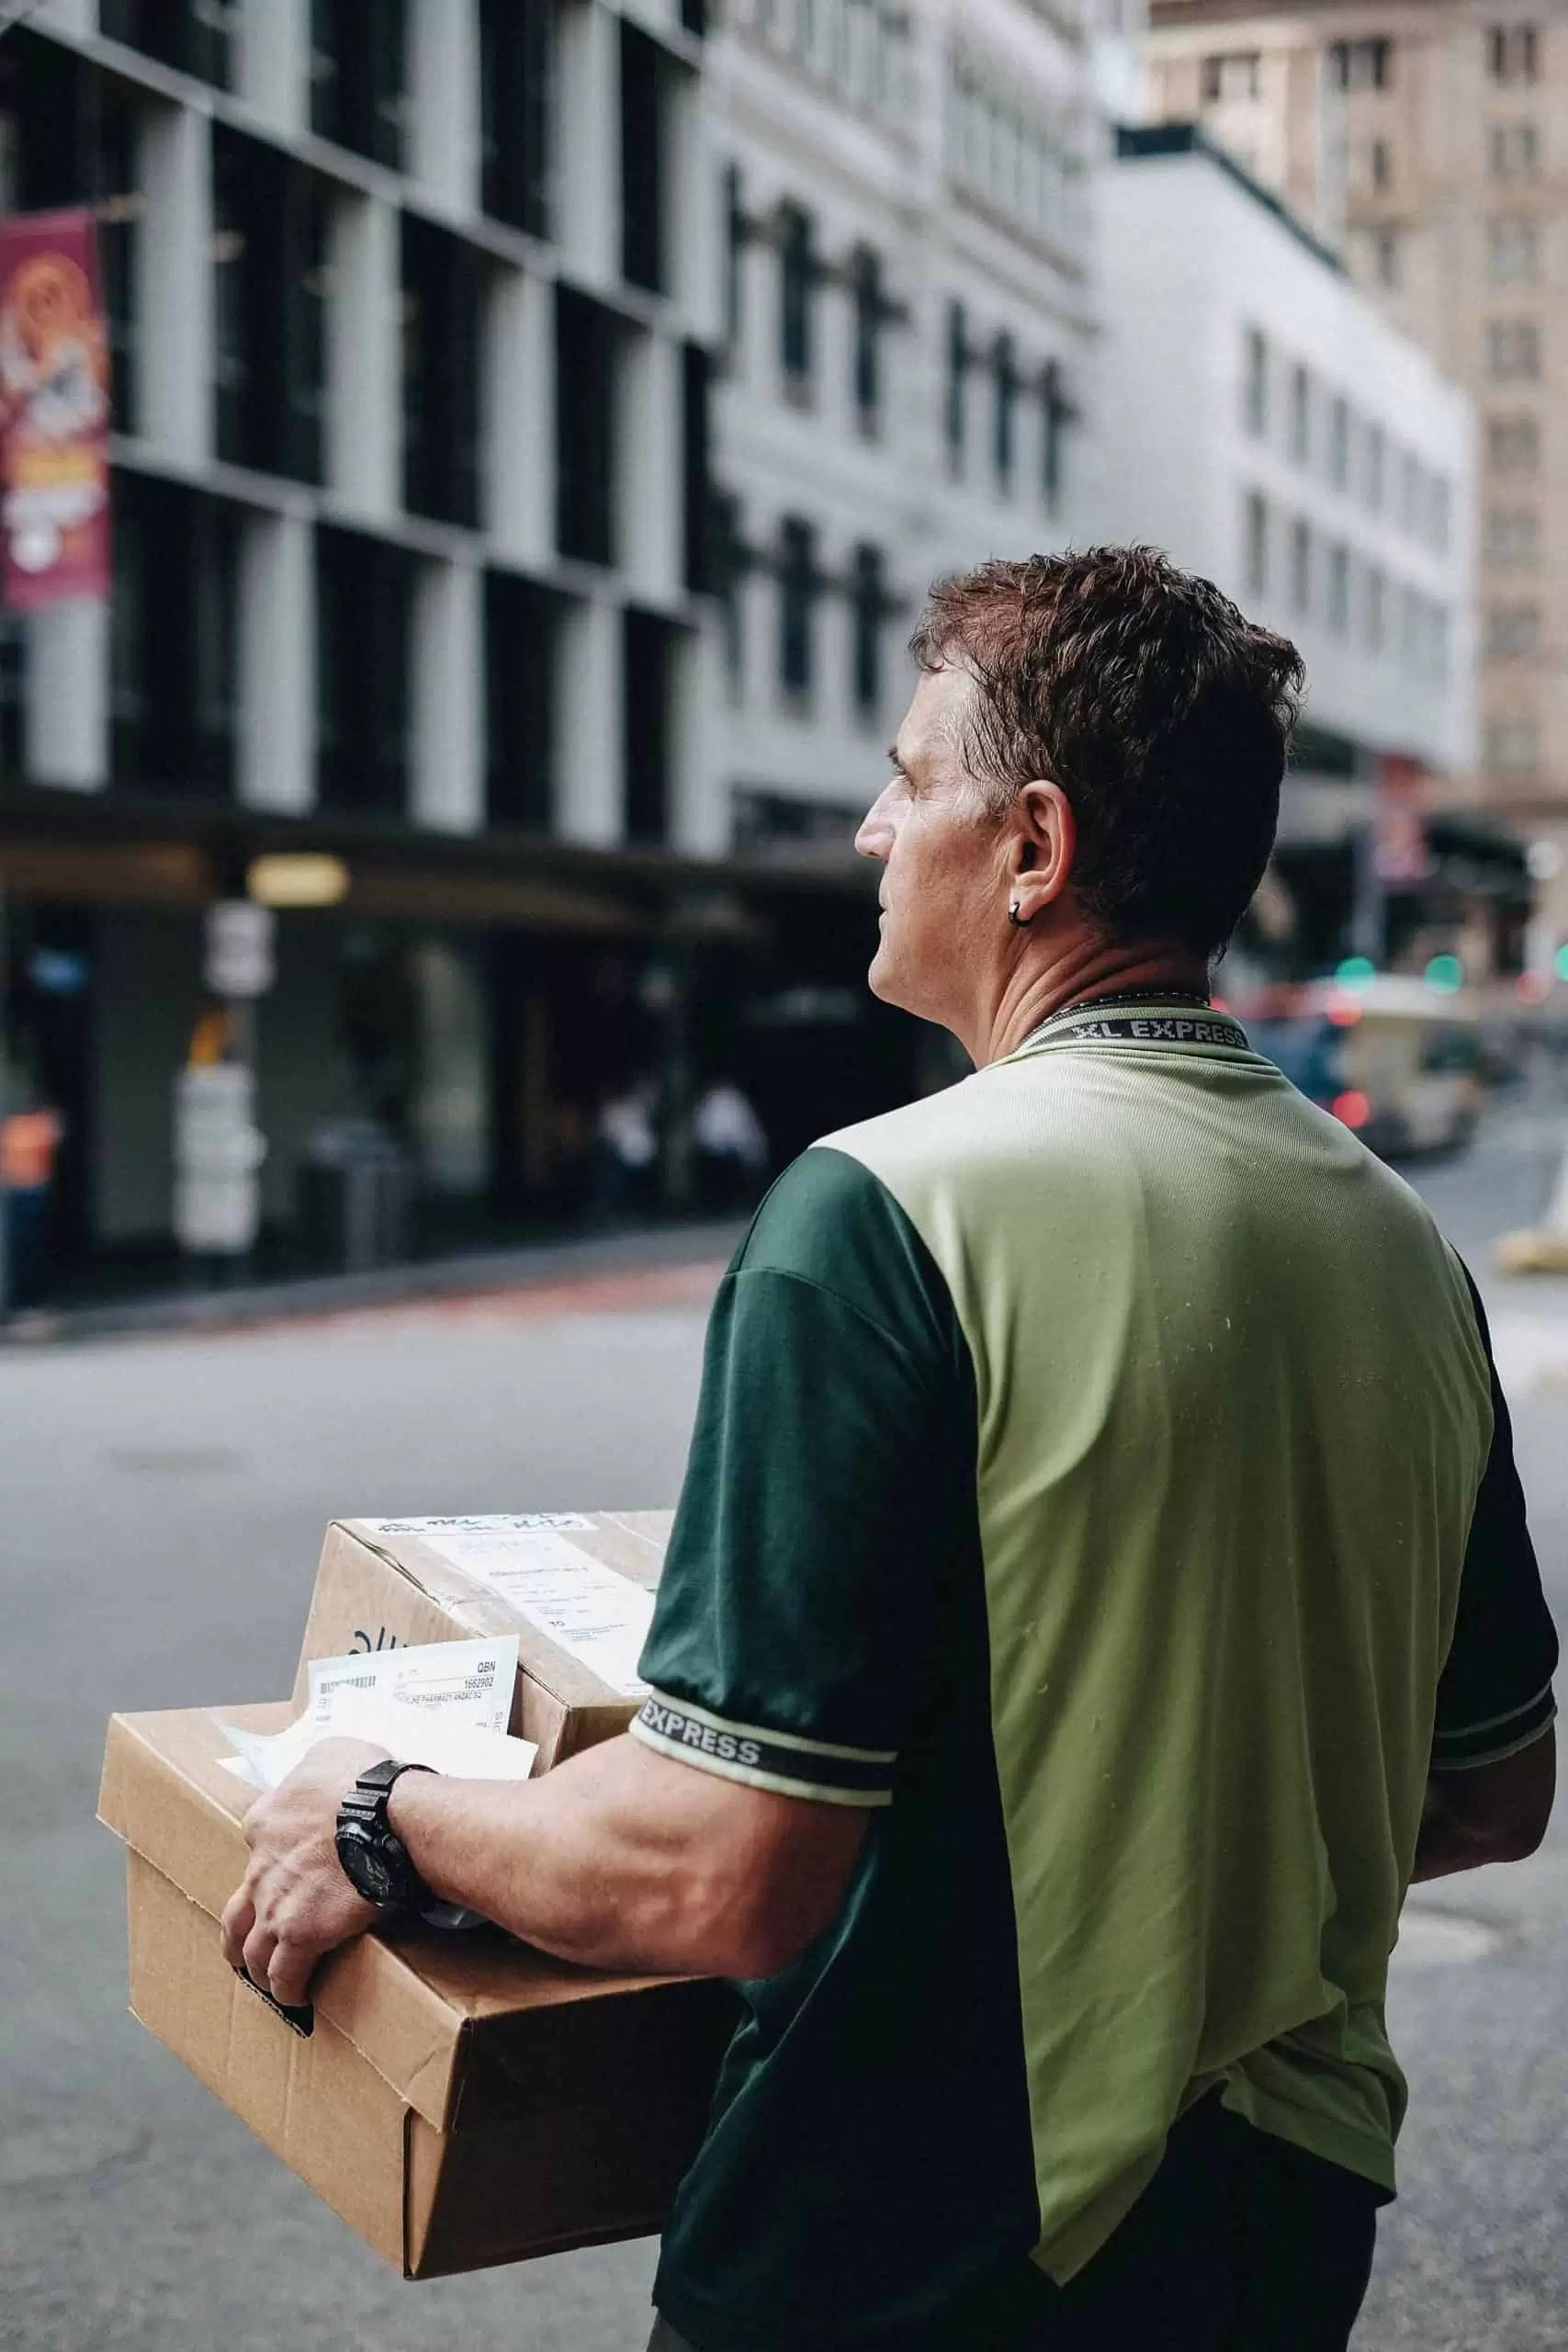 How To Return Suddenlink Equipment : return, suddenlink, equipment, Verizon, Equipment, Return, Where, Boxes, Internet, Modem